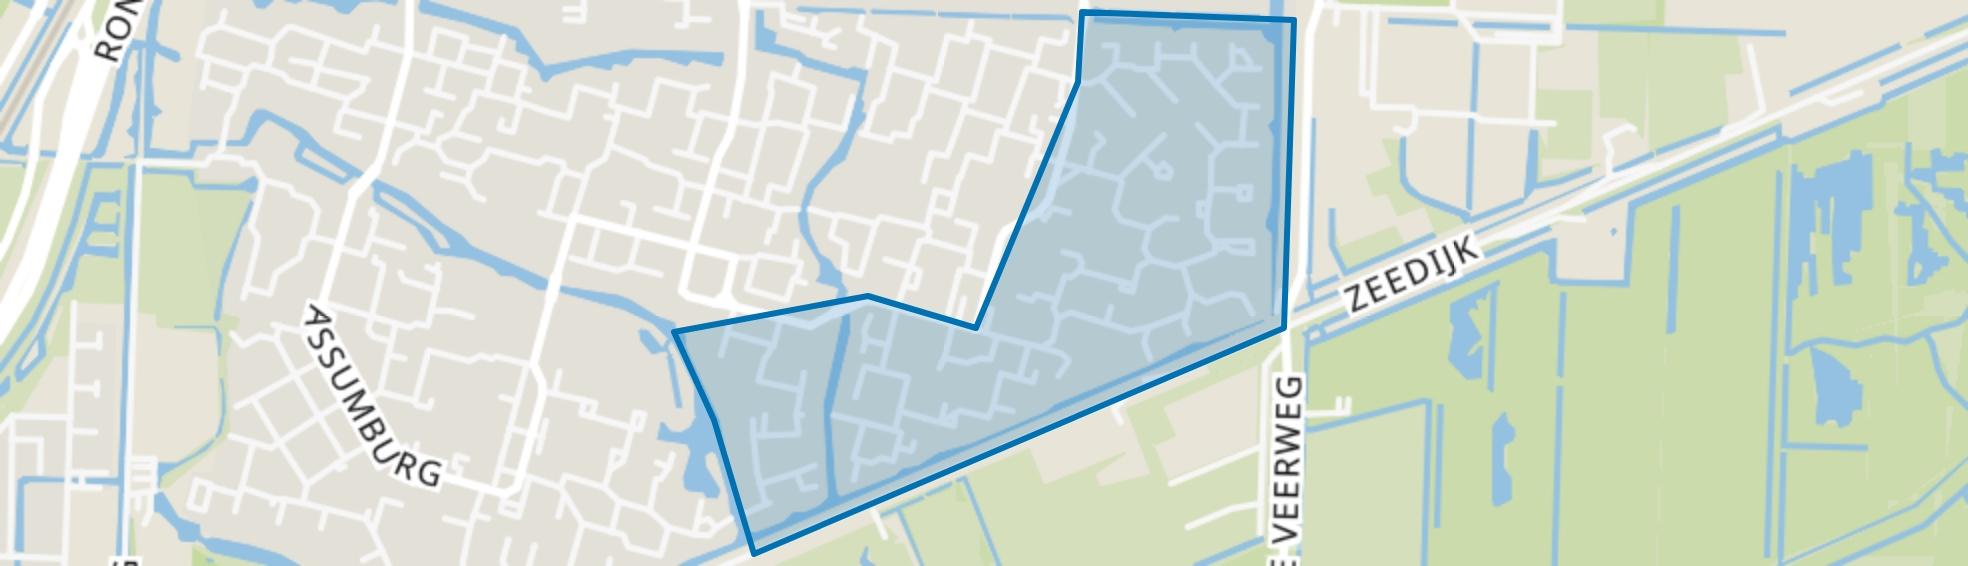 Vredenburg en omgeving, Dordrecht map